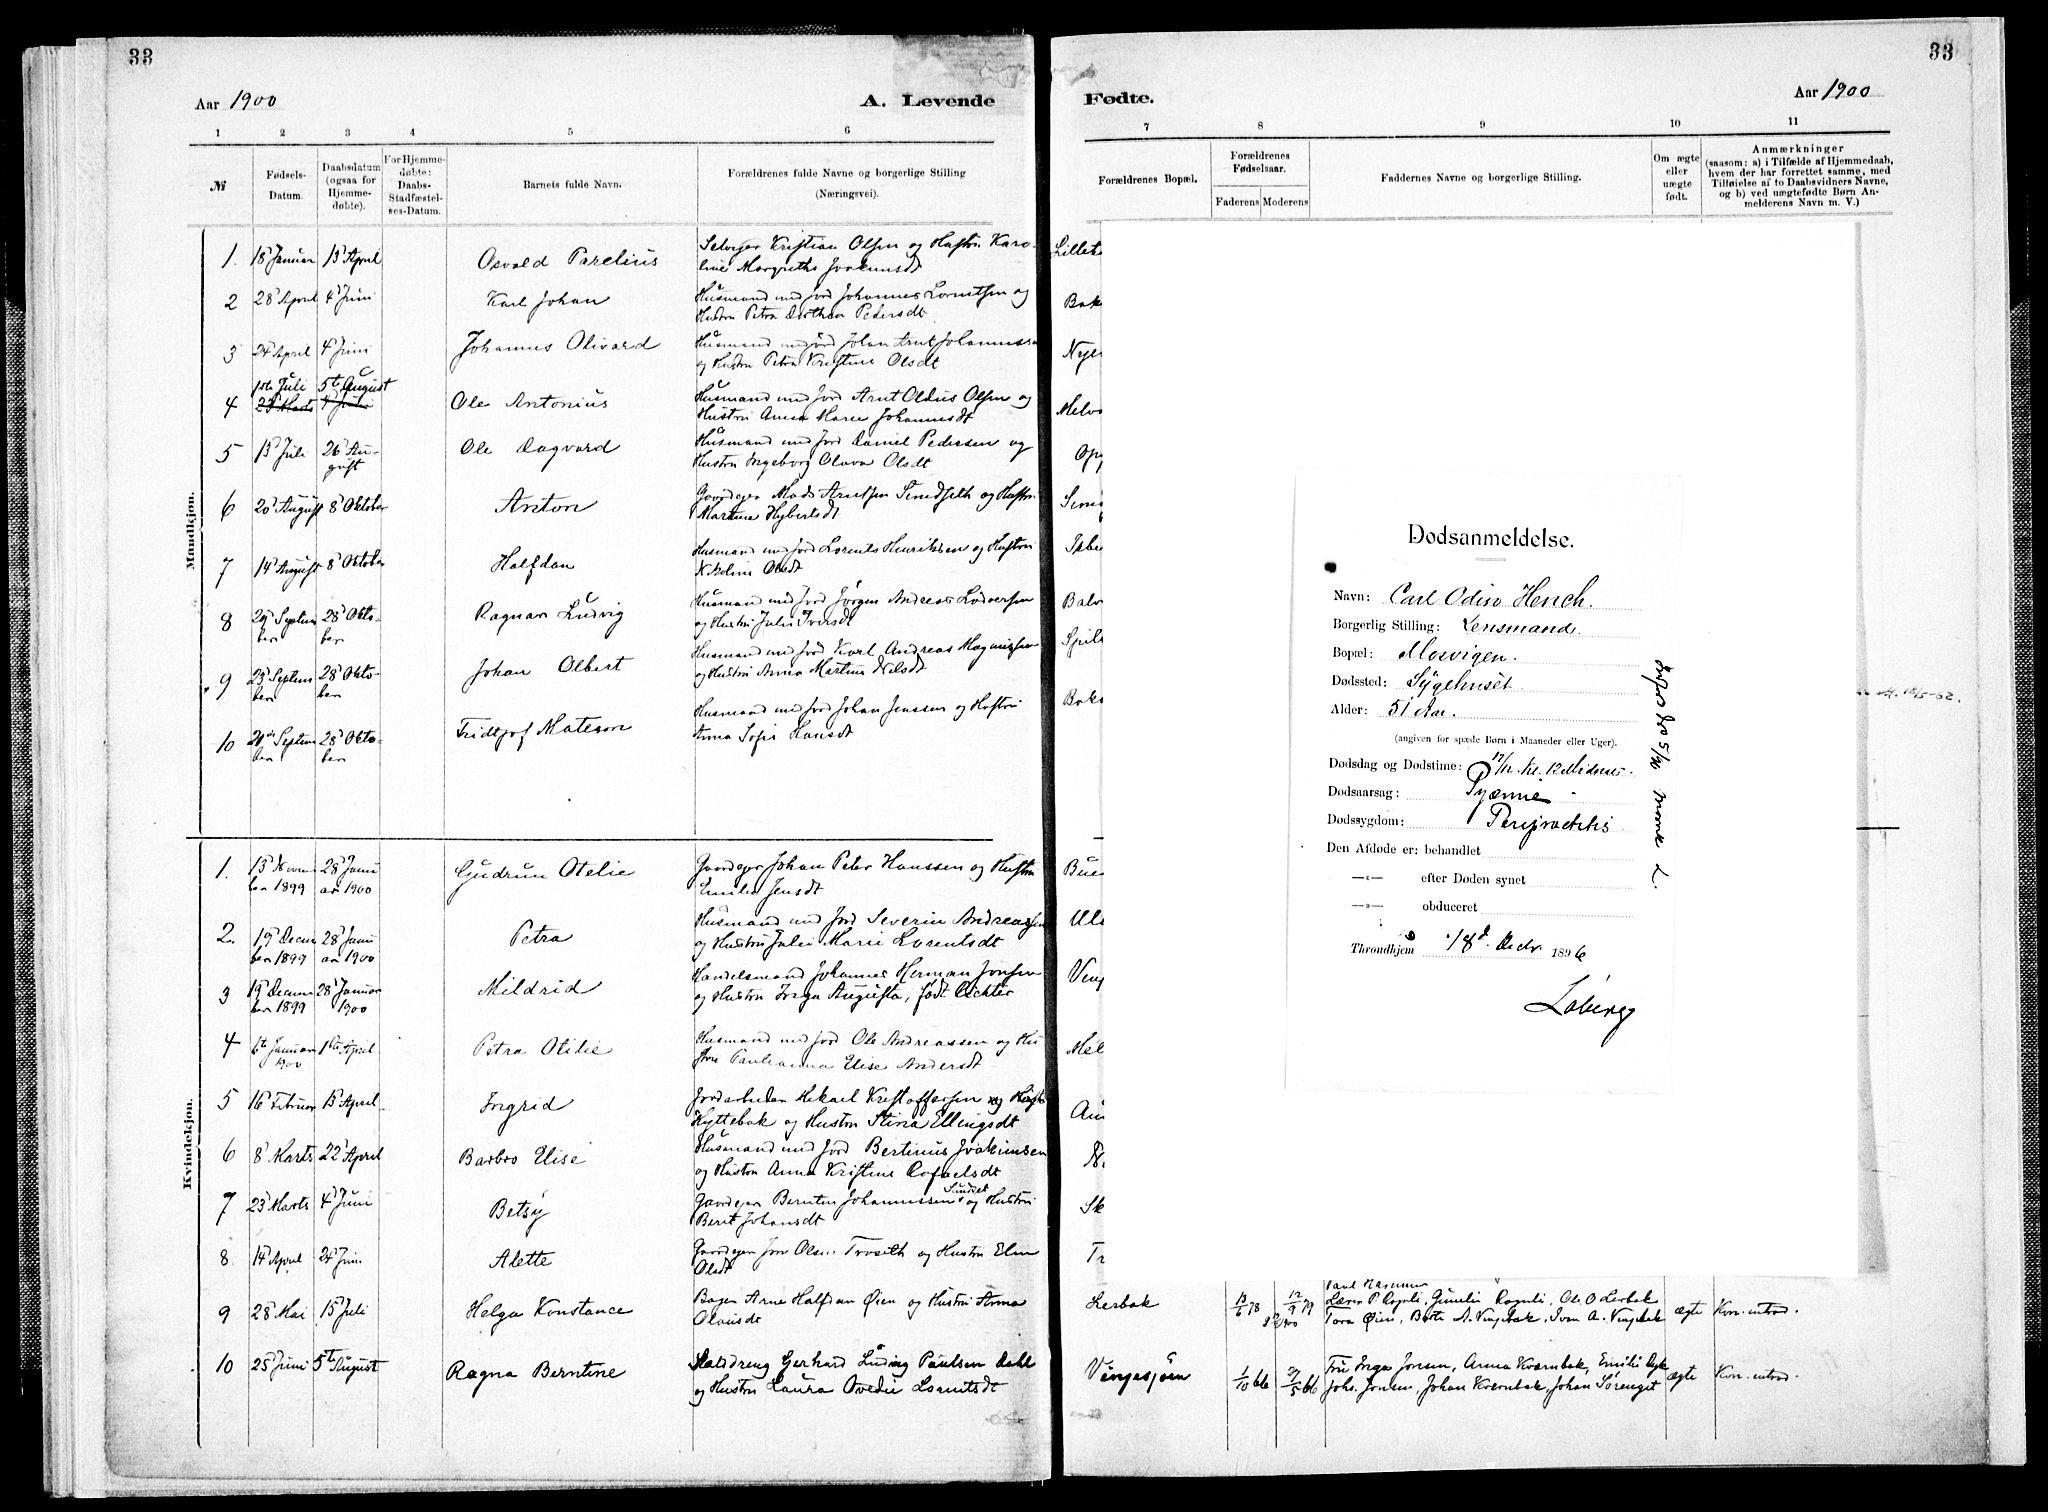 SAT, Ministerialprotokoller, klokkerbøker og fødselsregistre - Nord-Trøndelag, 733/L0325: Ministerialbok nr. 733A04, 1884-1908, s. 33